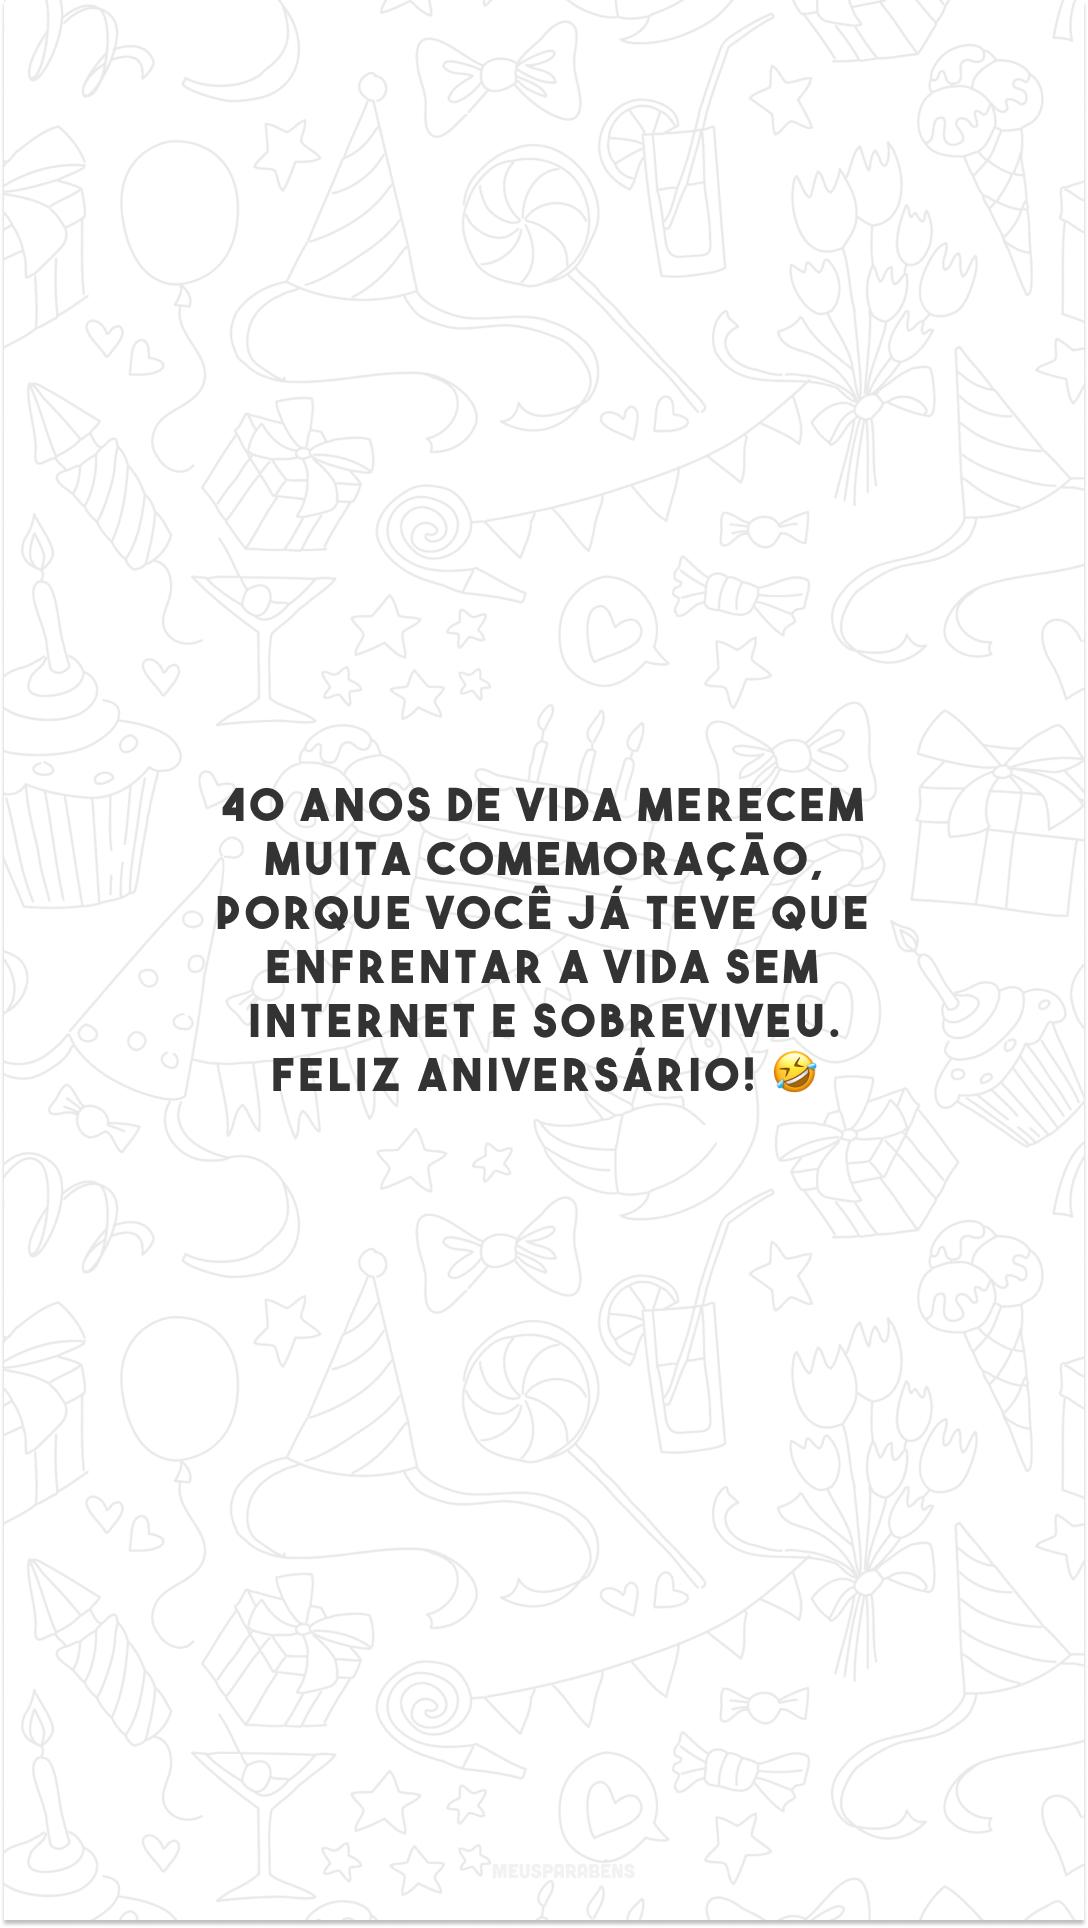 40 anos de vida merecem muita comemoração, porque você já teve que enfrentar a vida sem internet e sobreviveu. Feliz aniversário! 🤣